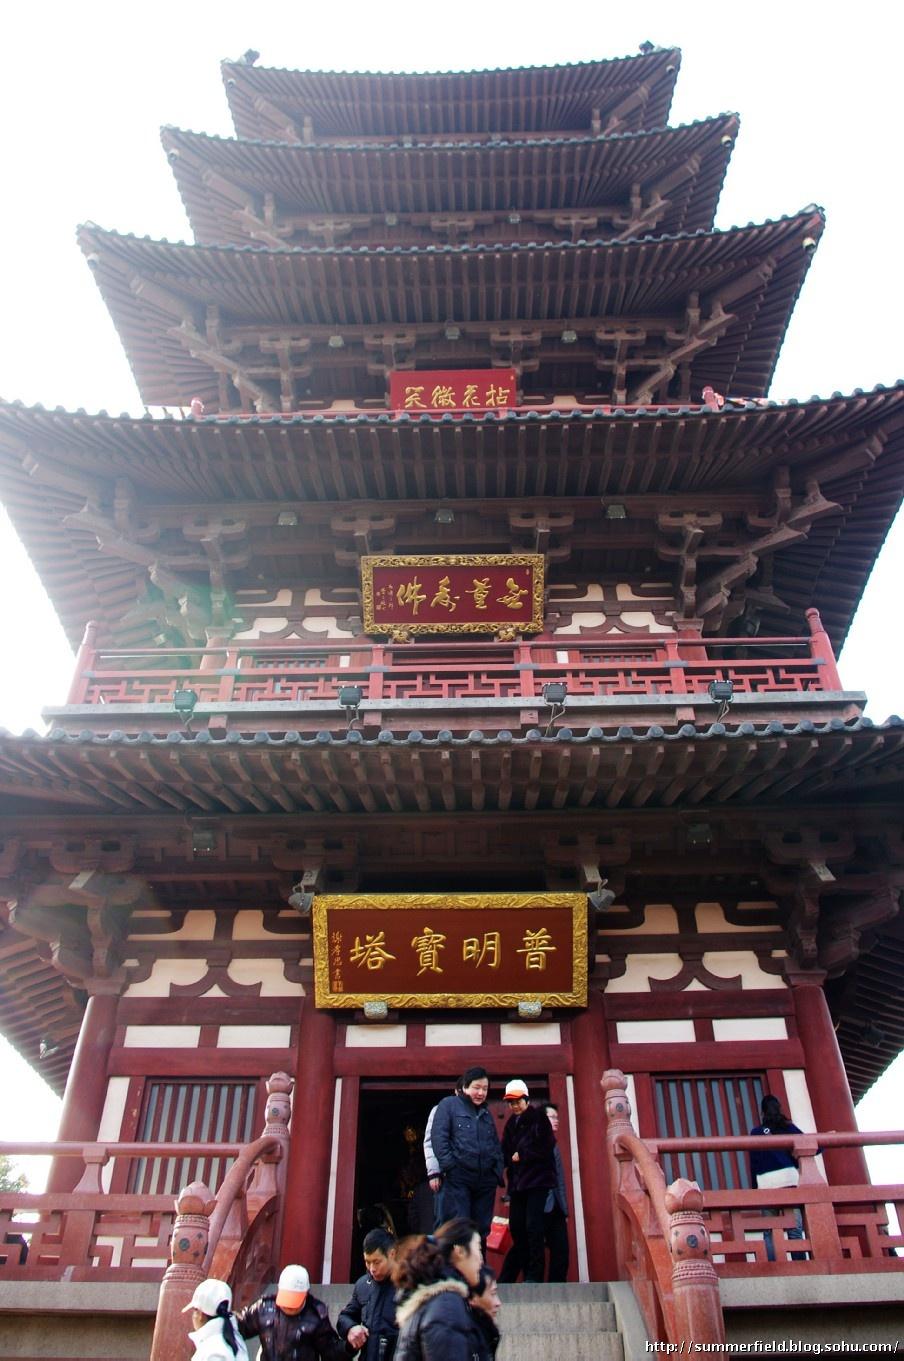 年重建的,是一座仿唐五级四面楼阁式方塔.